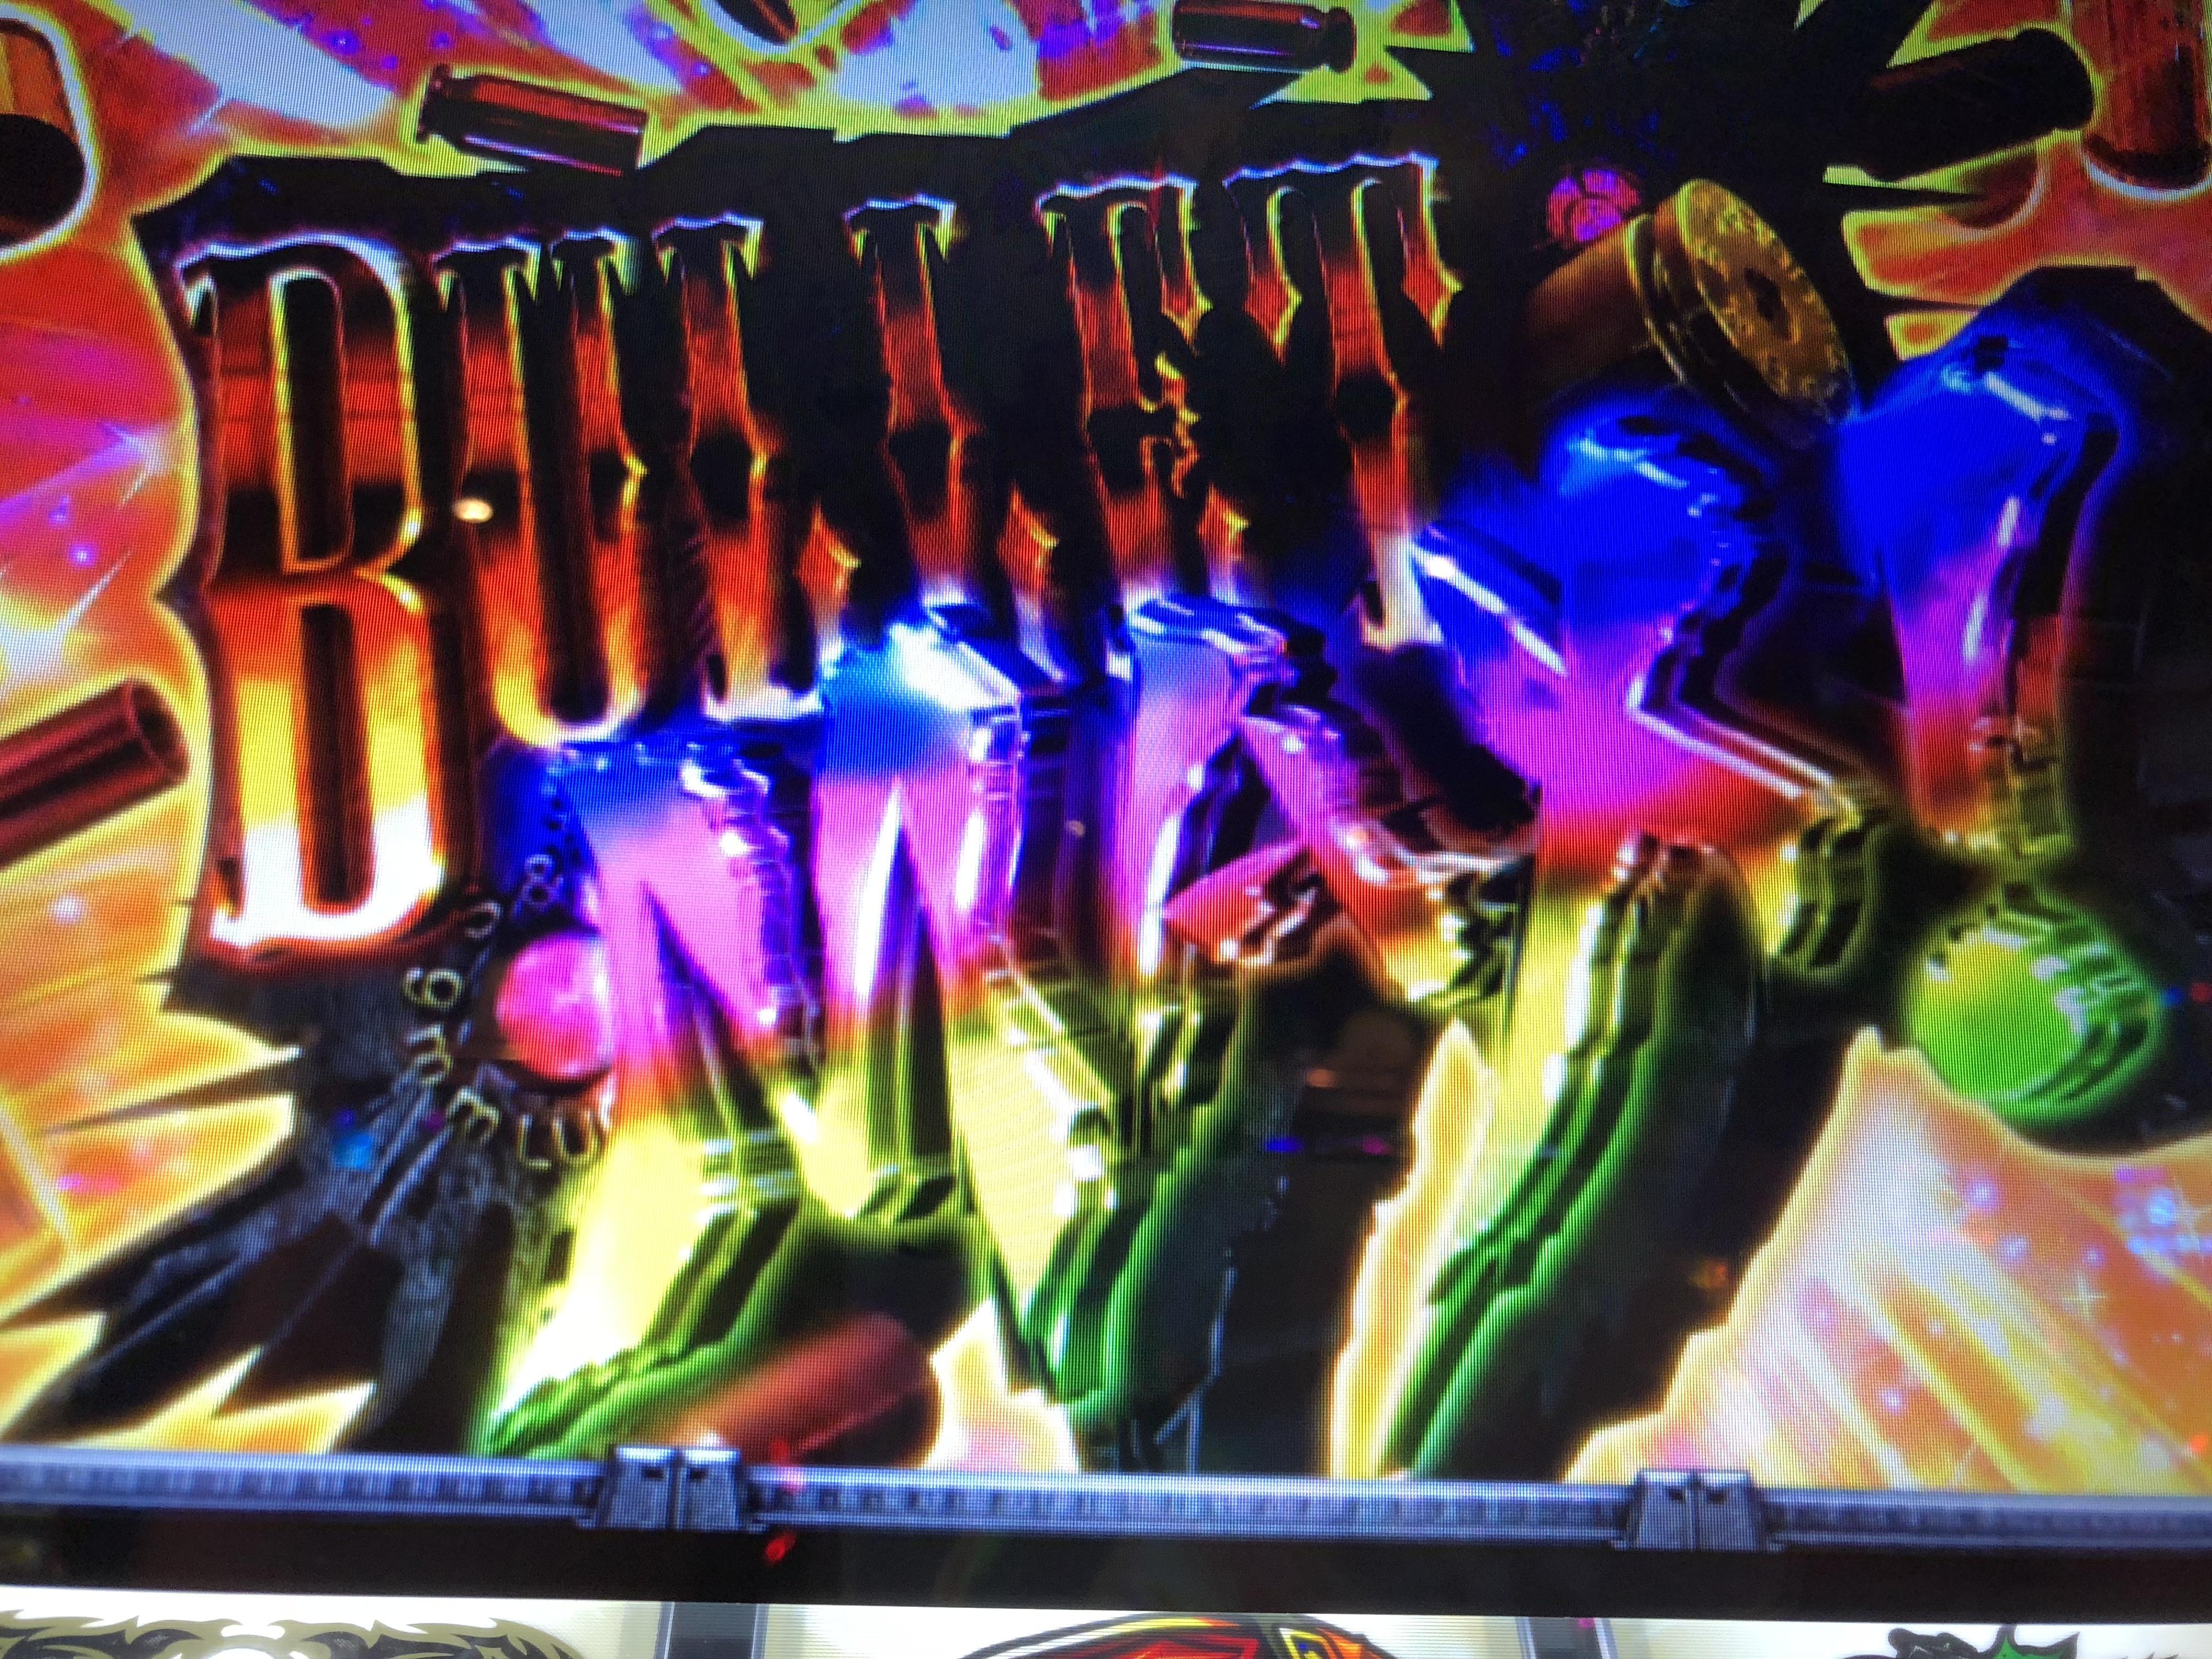 ブラックラグーン3~5.9号機は面白い!初打ち初ARTで即バレ満!!みんななんで打たないの??~